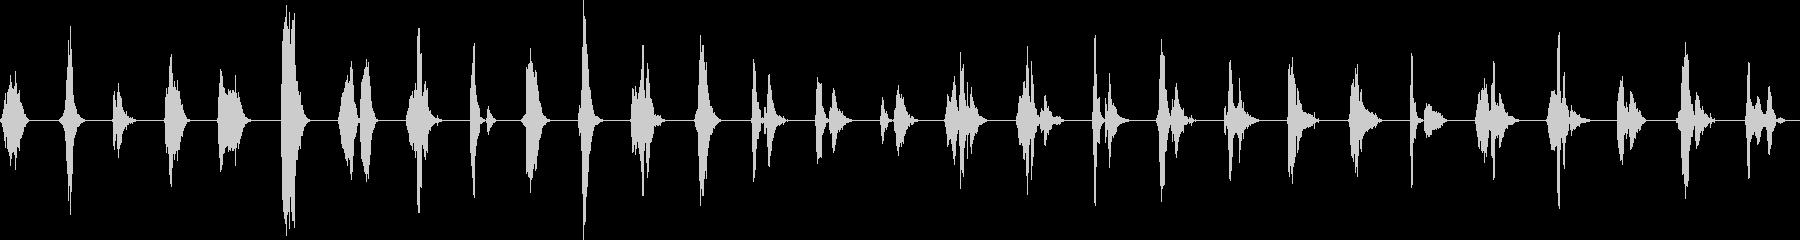 デジタル音声;男性2;コンピュータ...の未再生の波形